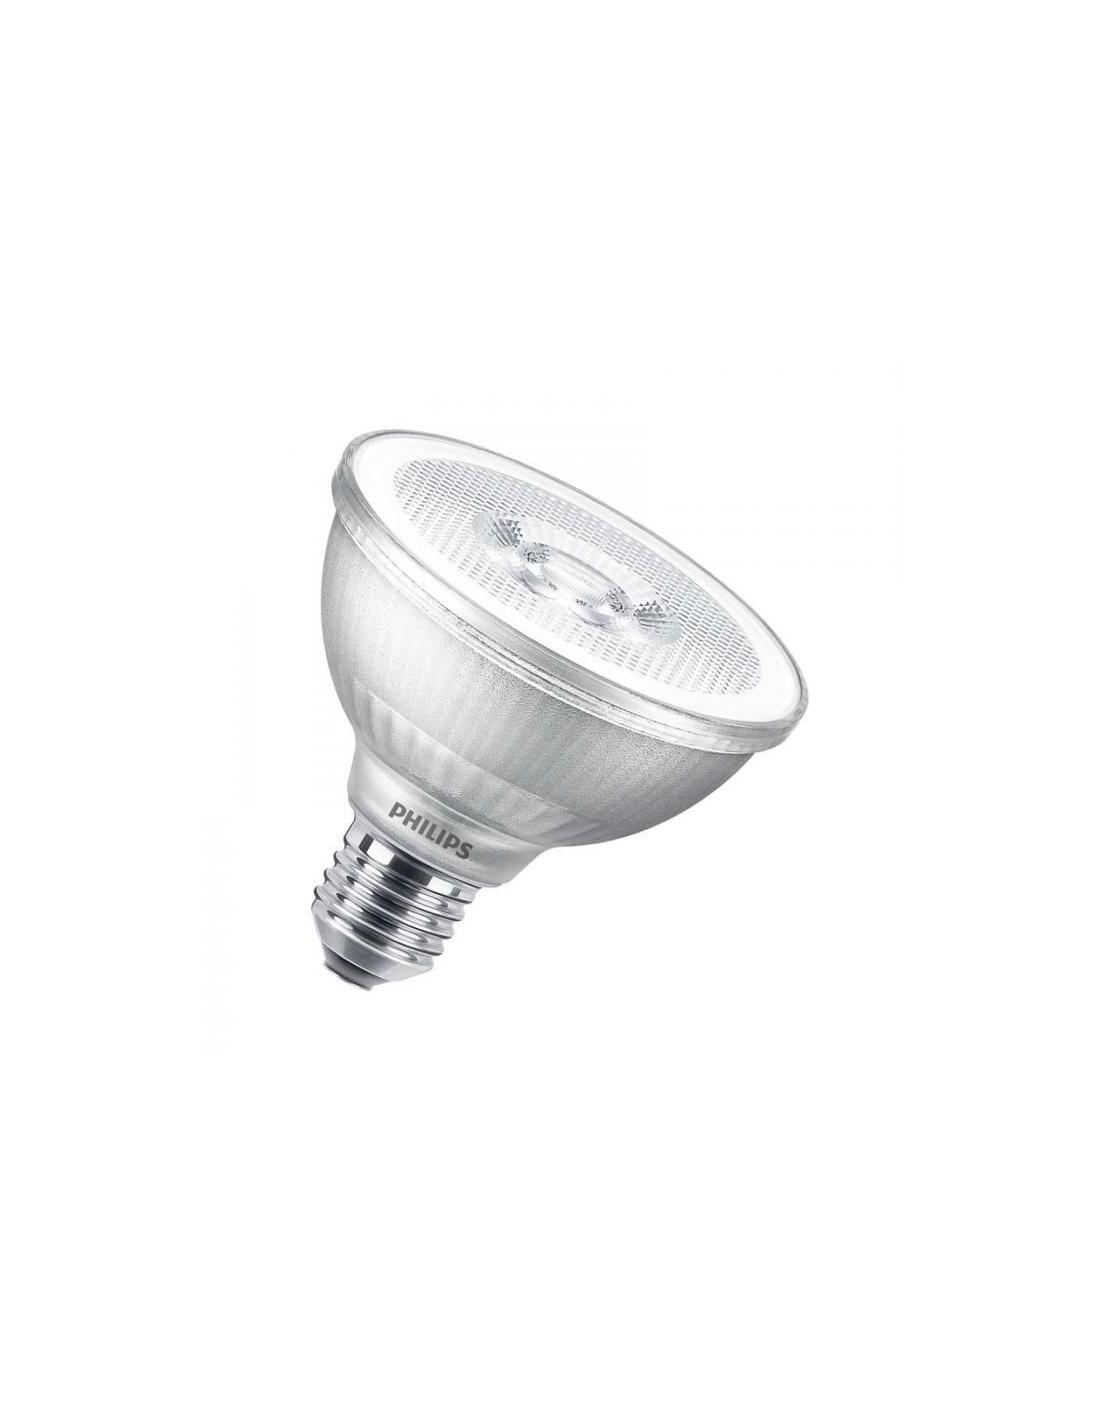 Ampoule E27 9.5W 2700K Blanc chaud PAR 30 LED Philips  - Valente Design